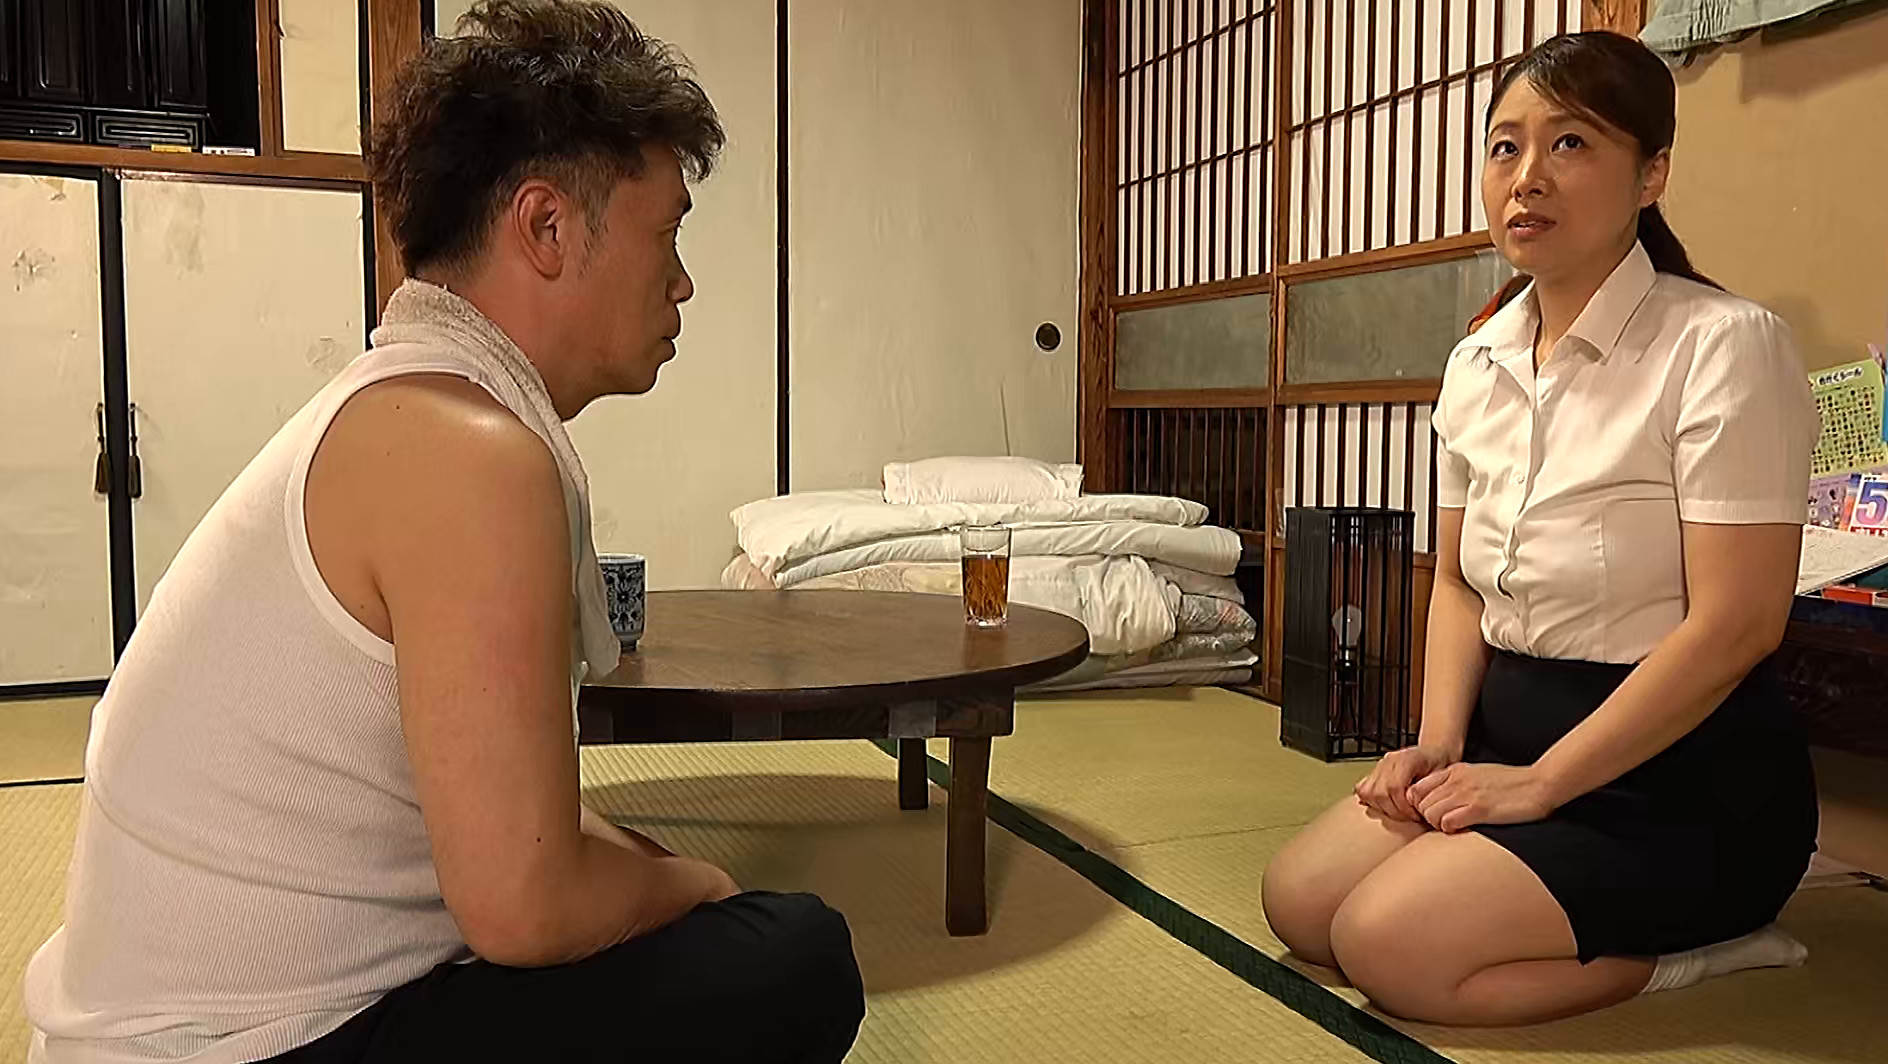 昭和猥褻官能ドラマ 明日、東京に引越しする憧れていた同級生を呼び出して・・・ 心優しい先生は教え子のお父さんに無理やり・・・ 画像16